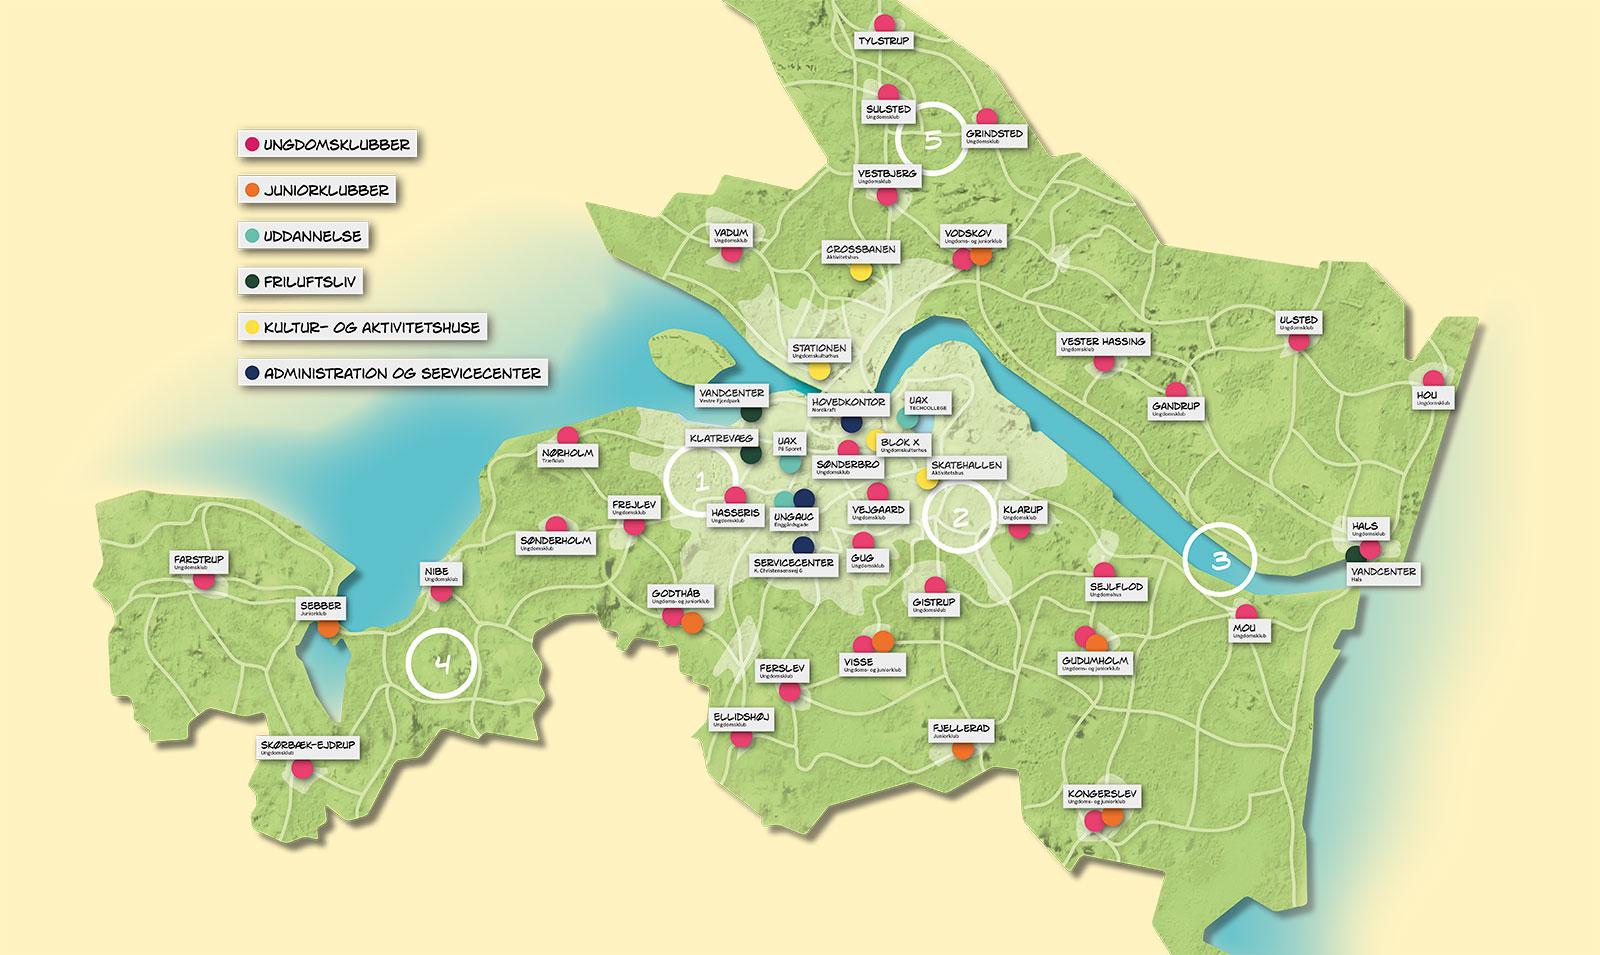 Kort over Aalborg Kommune med alle klubber og steder i UngAalborg